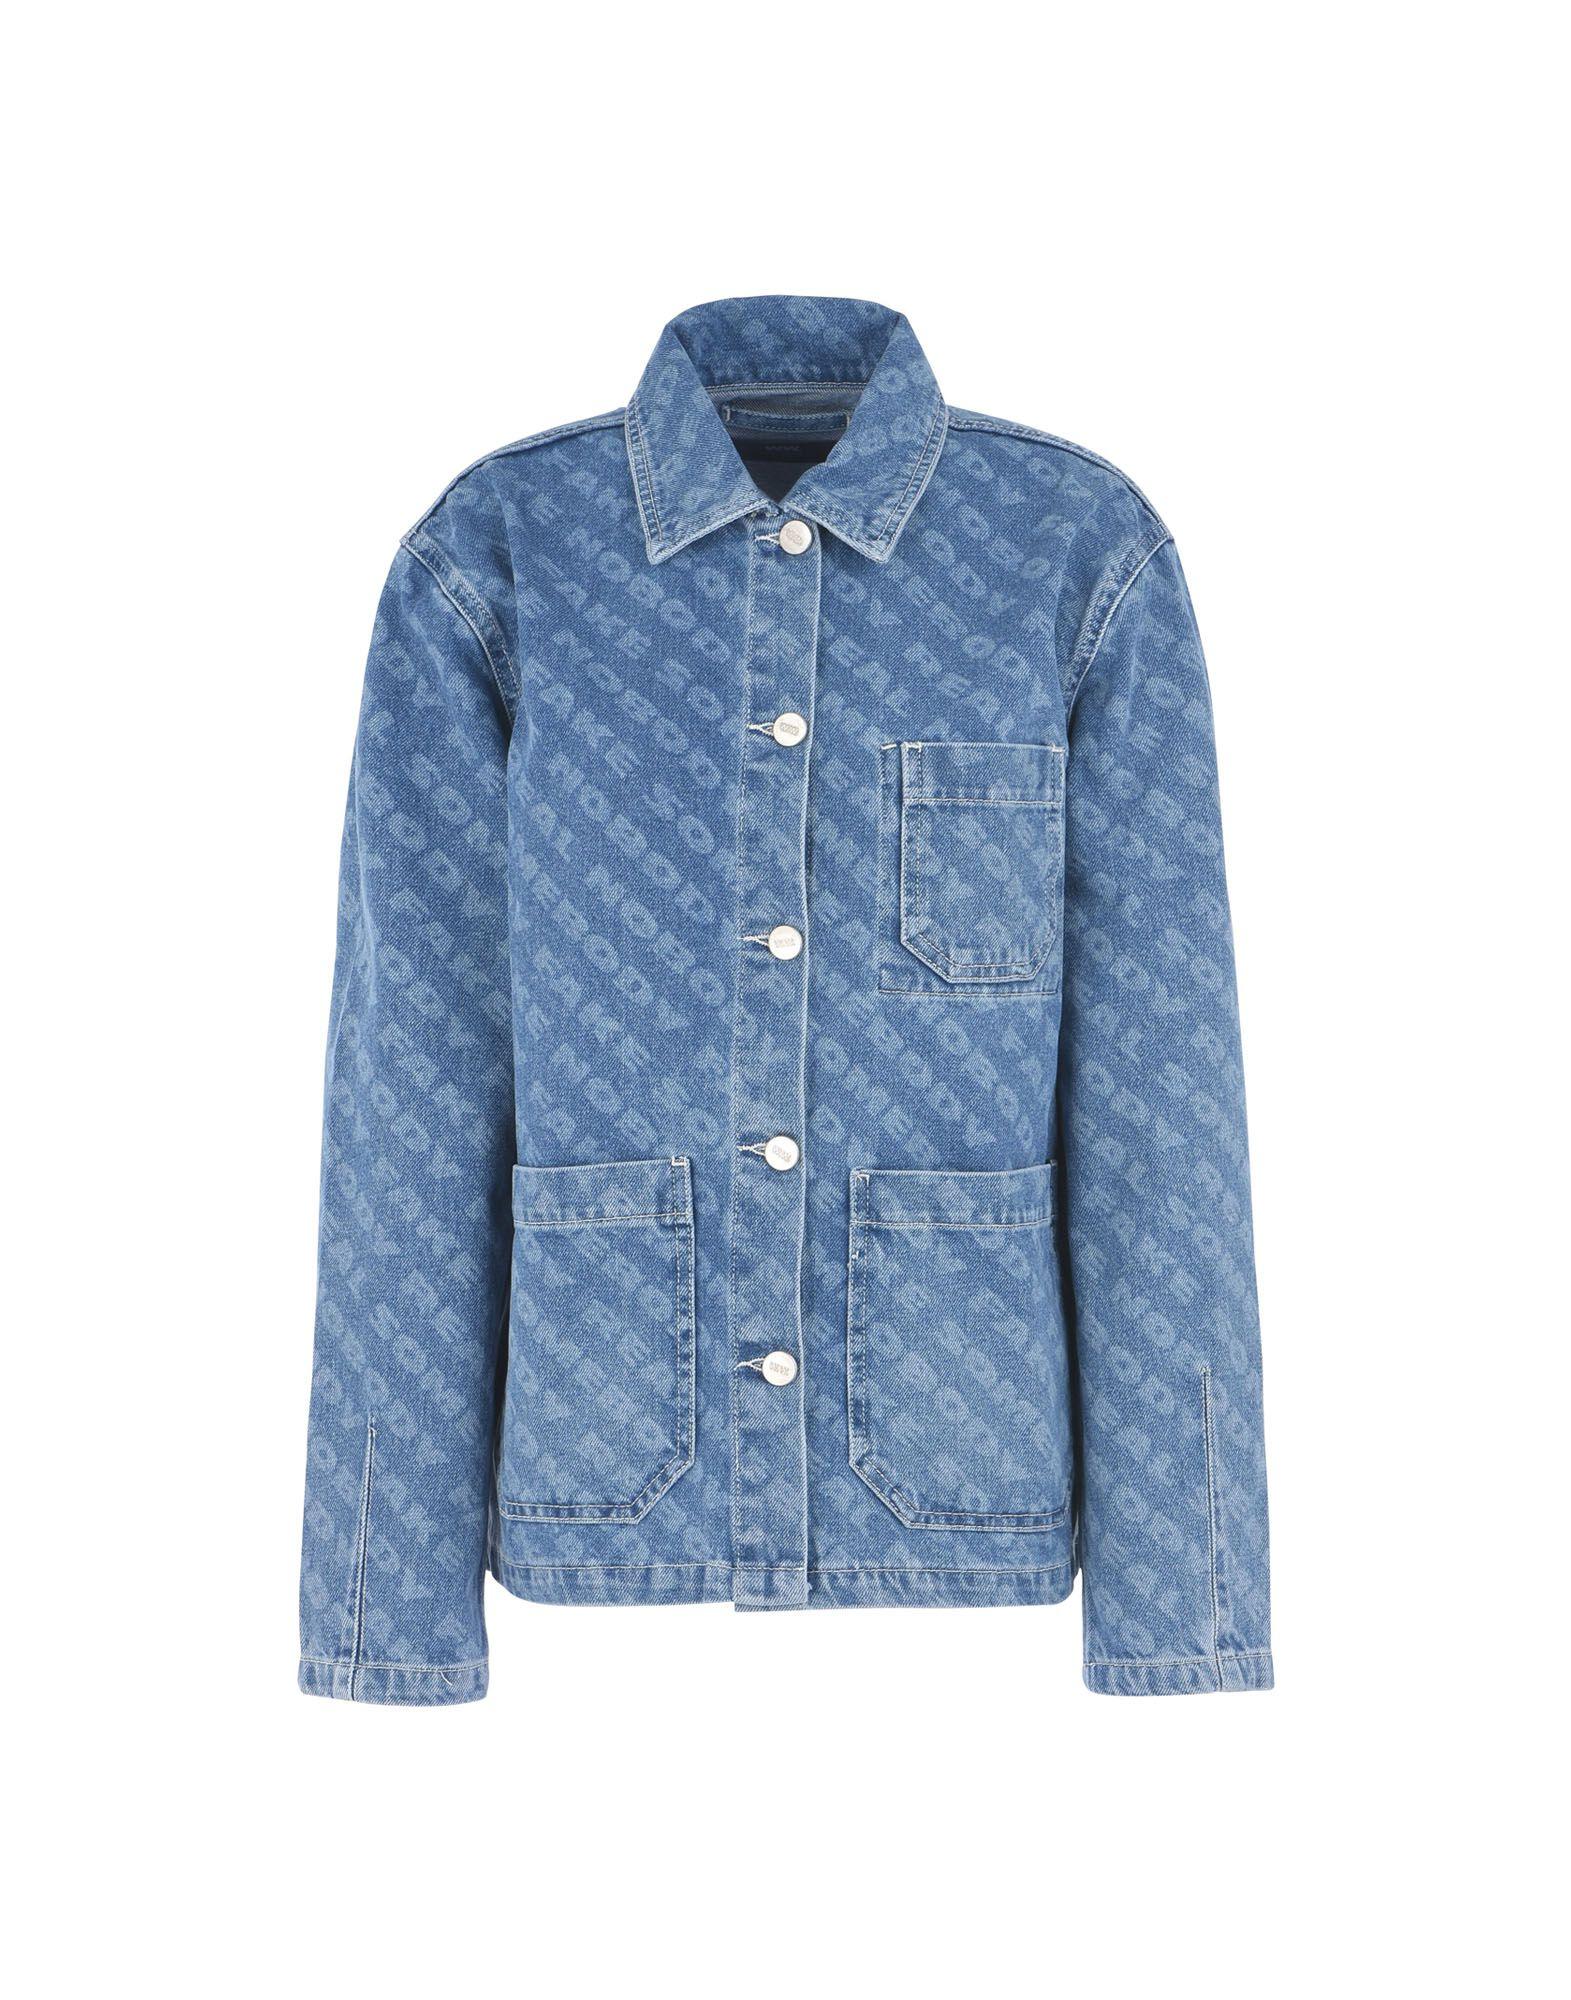 WOOD WOOD Джинсовая верхняя одежда topshop unique джинсовая верхняя одежда